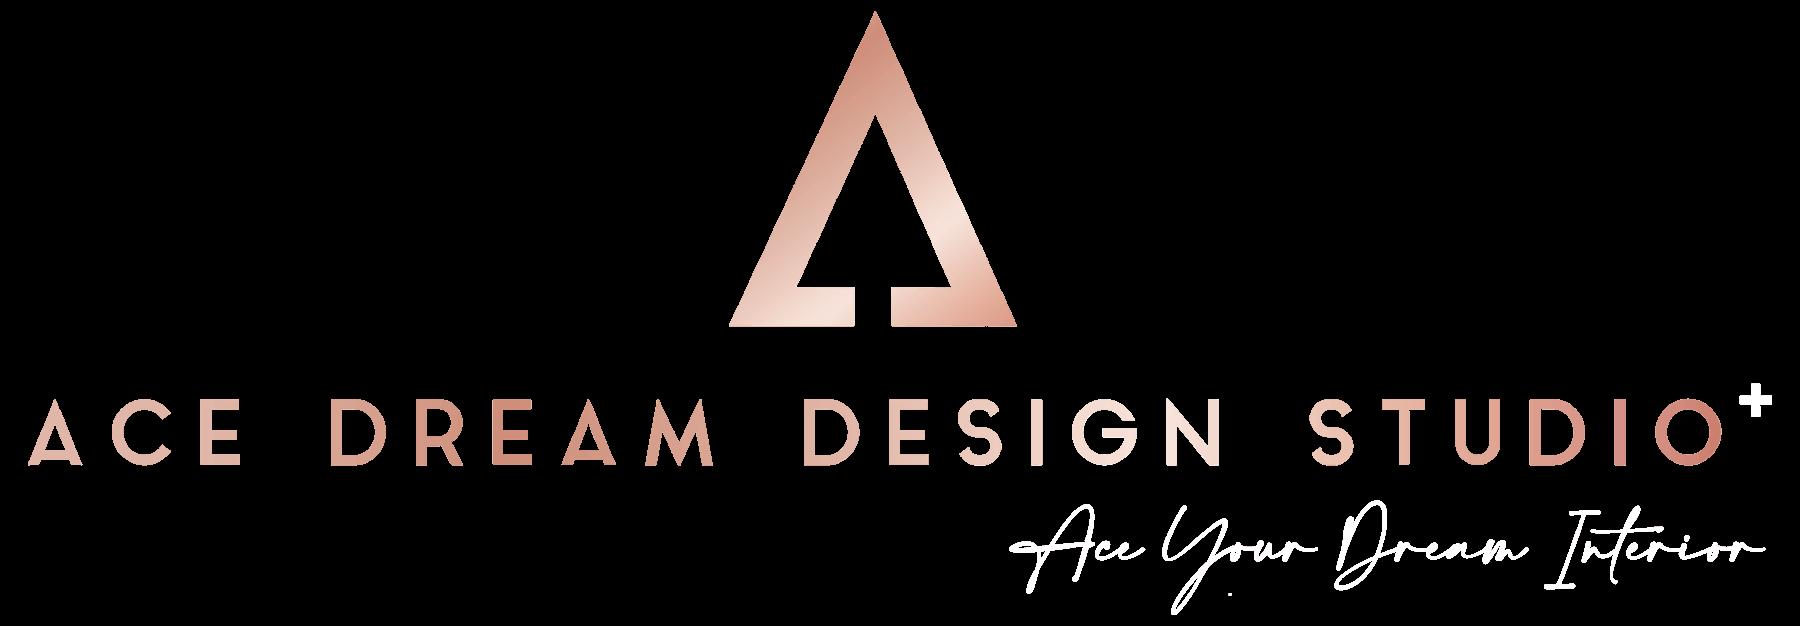 ACE DREAM DESIGN STUDIO